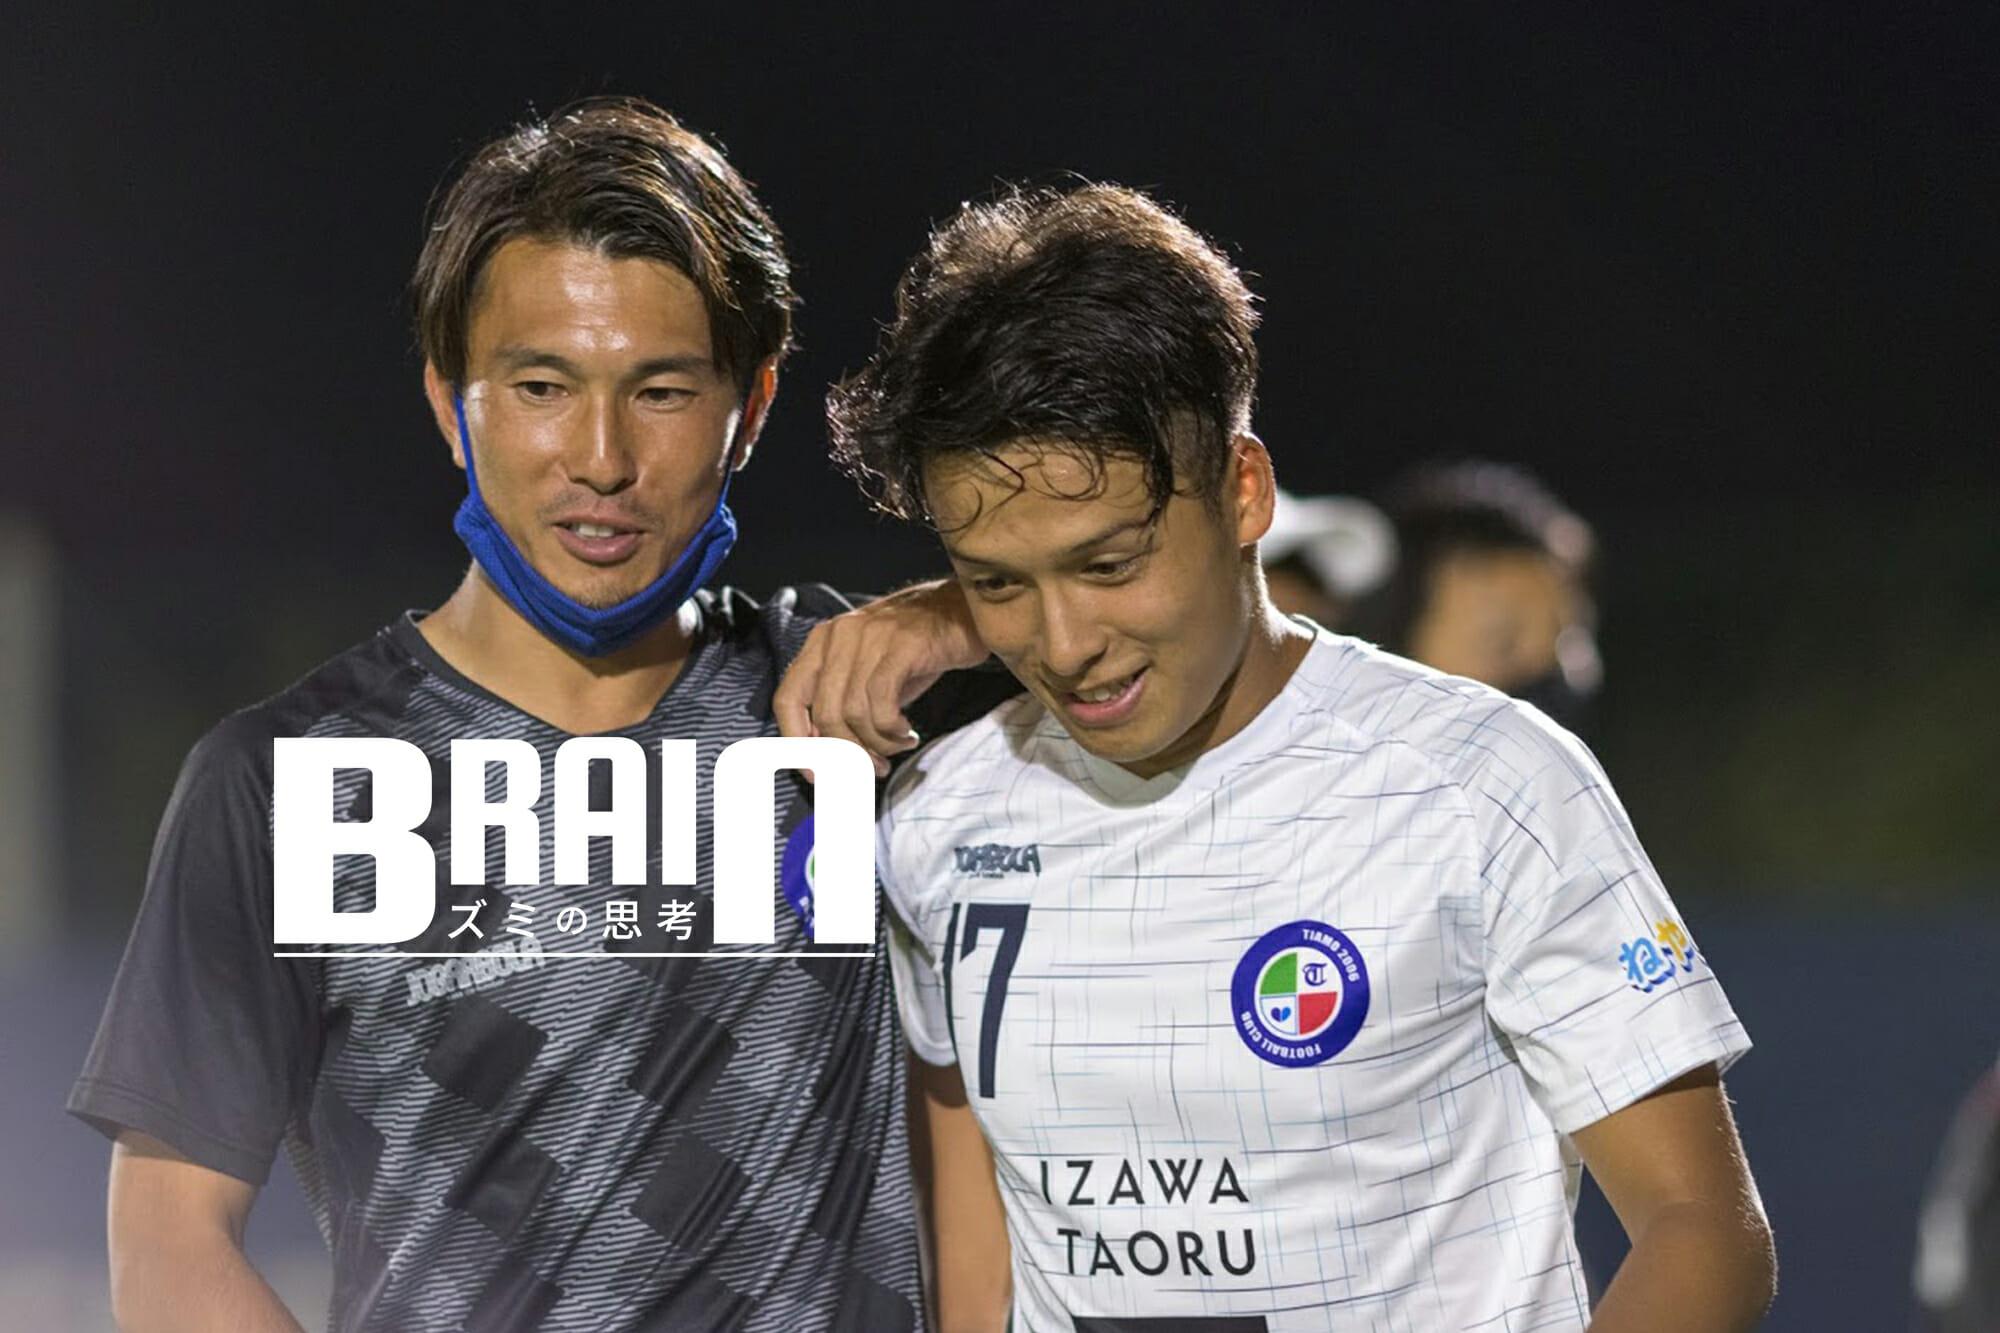 Vol.10 関西リーグ開幕。そしてクラブ史上初の天皇杯本大会へ。